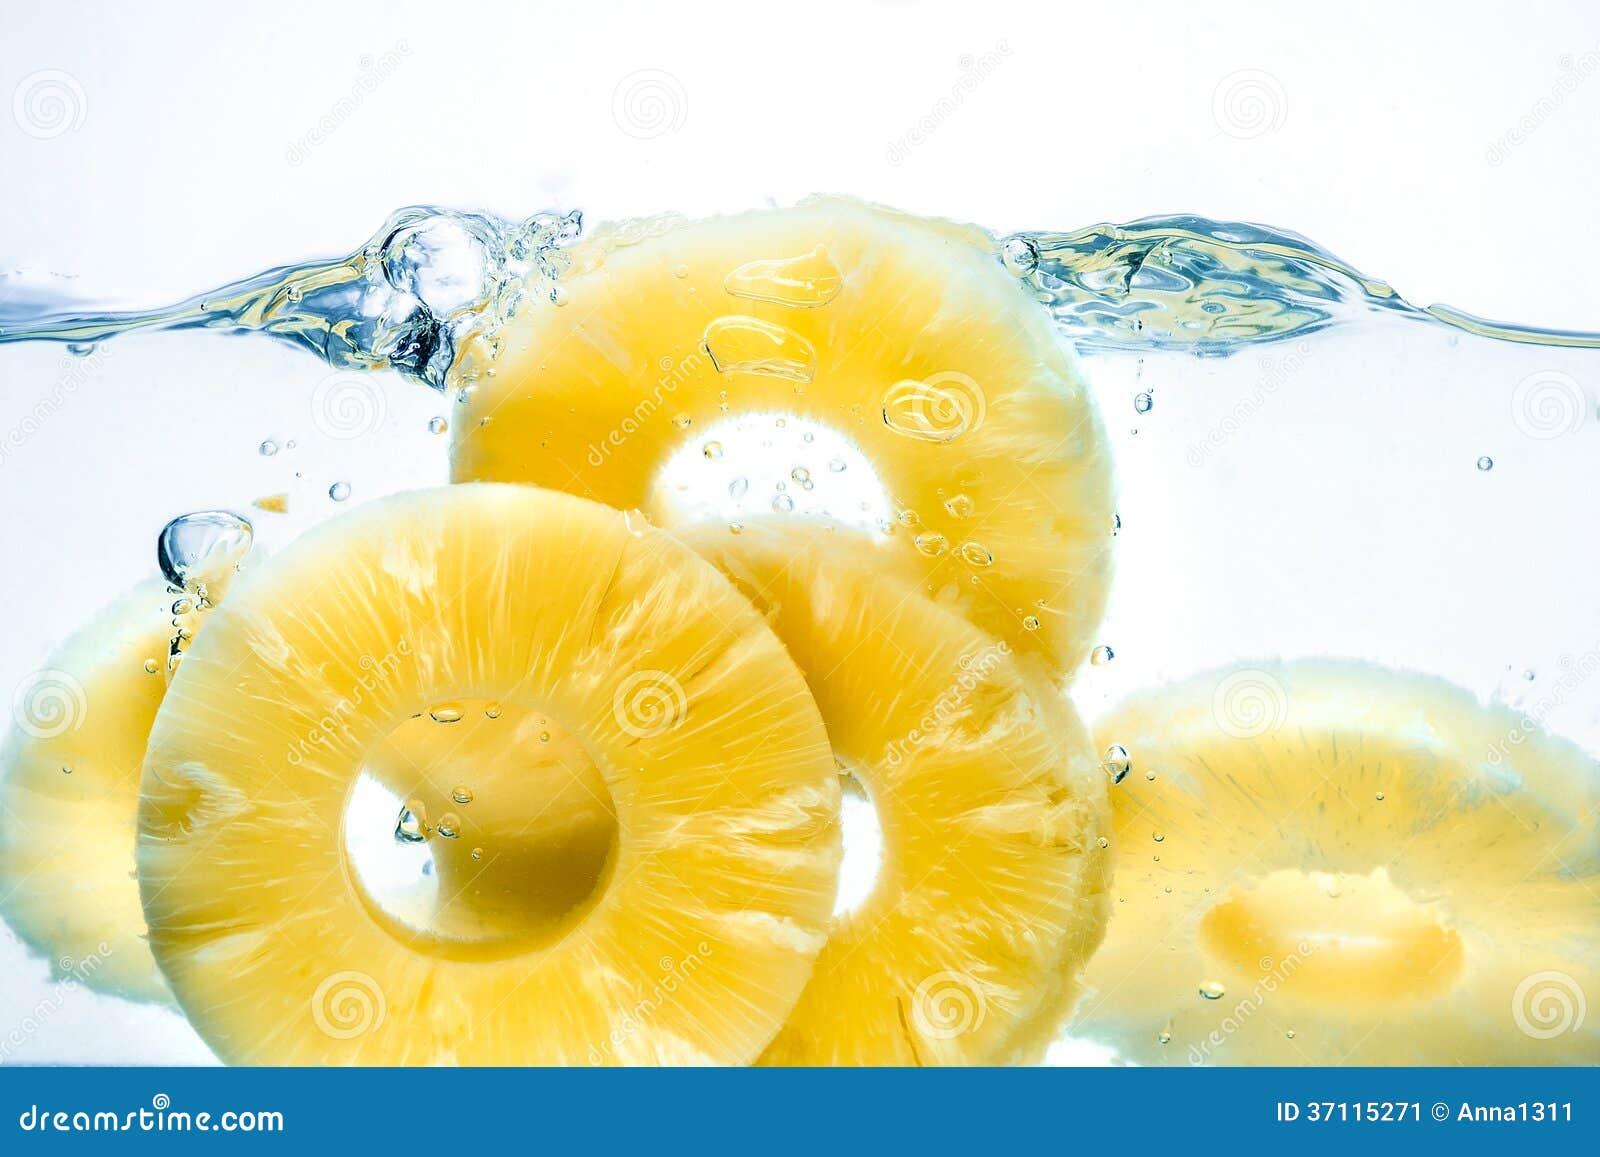 Ananas. Obstkonservenspritzen im Wasser